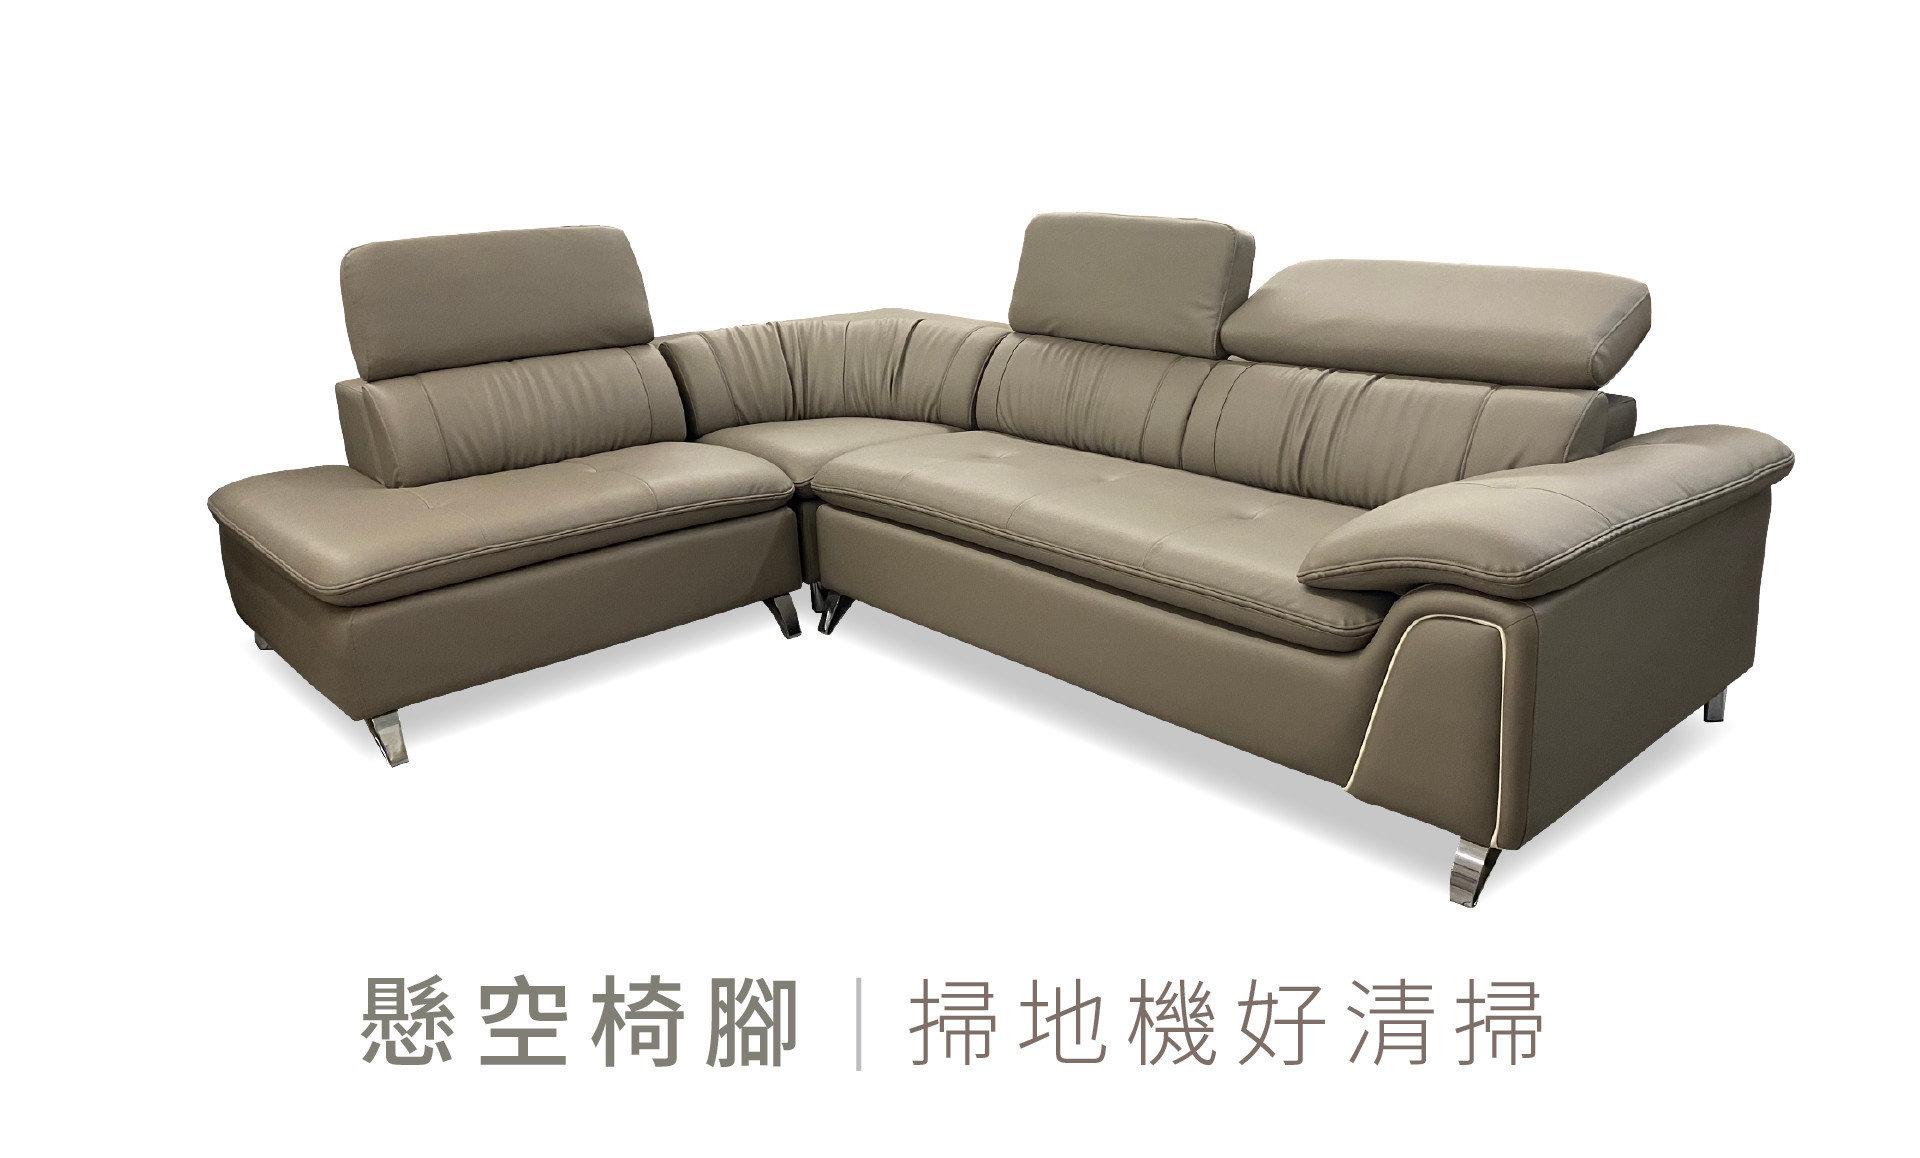 麥格沙發商品特色:懸空椅腳,好清潔